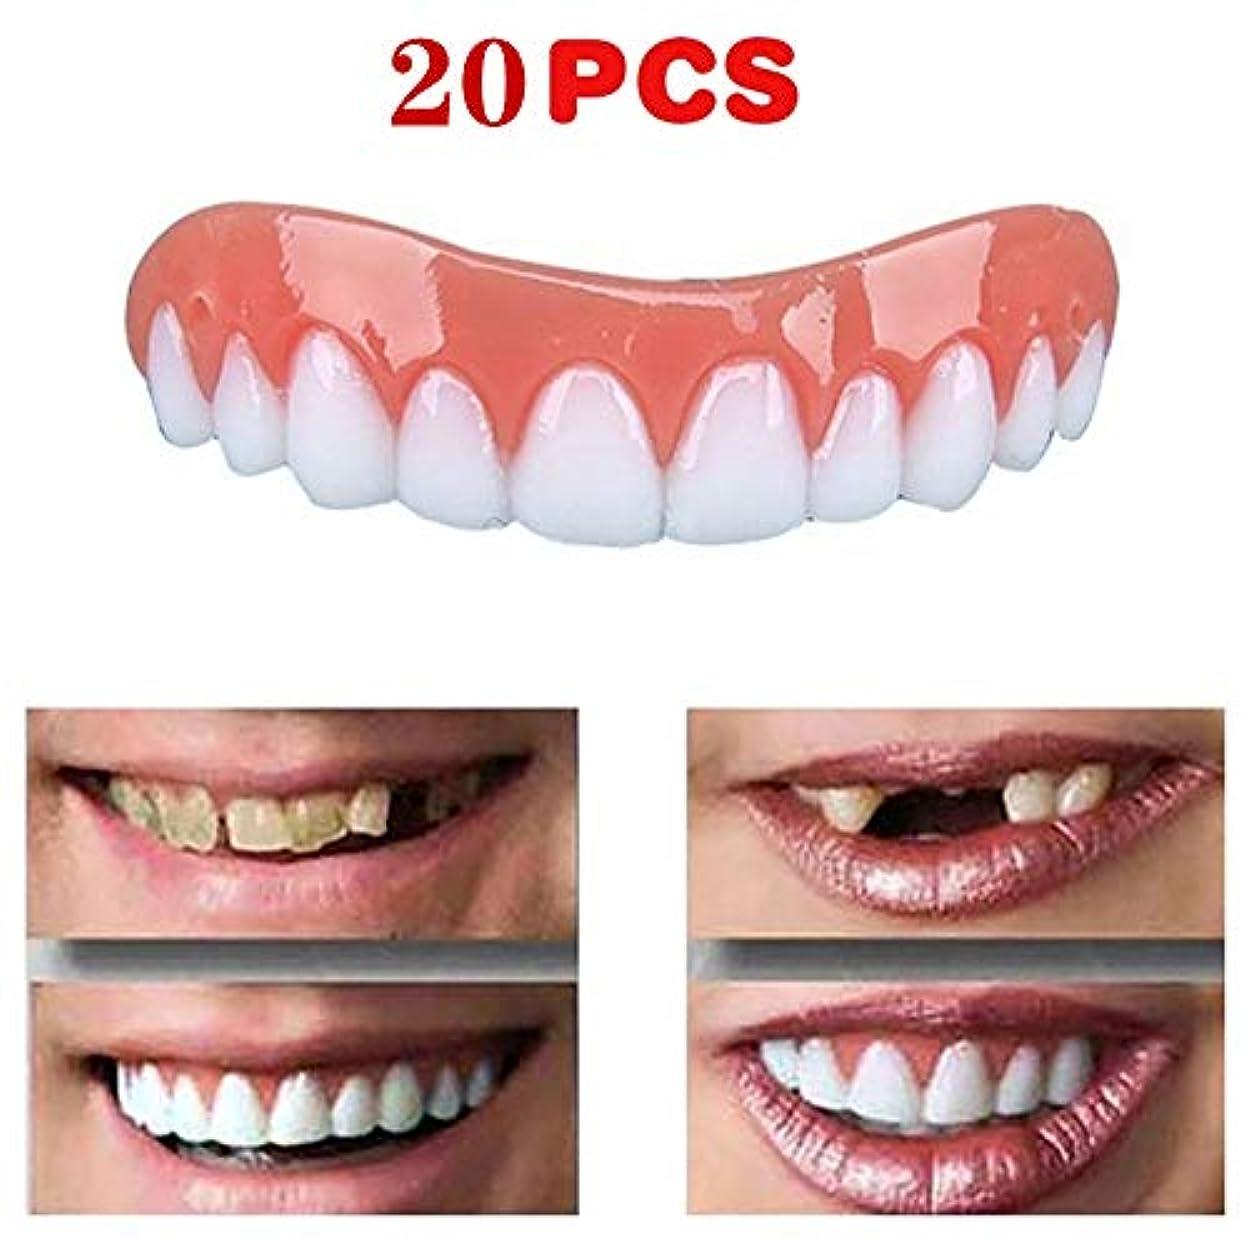 法律により骨折電話20ピース新しい再利用可能な大人のスナップオンパーフェクトスマイルホワイトニング義歯フィットフレックス化粧品歯快適な突き板カバーデンタルケアアクセサリー